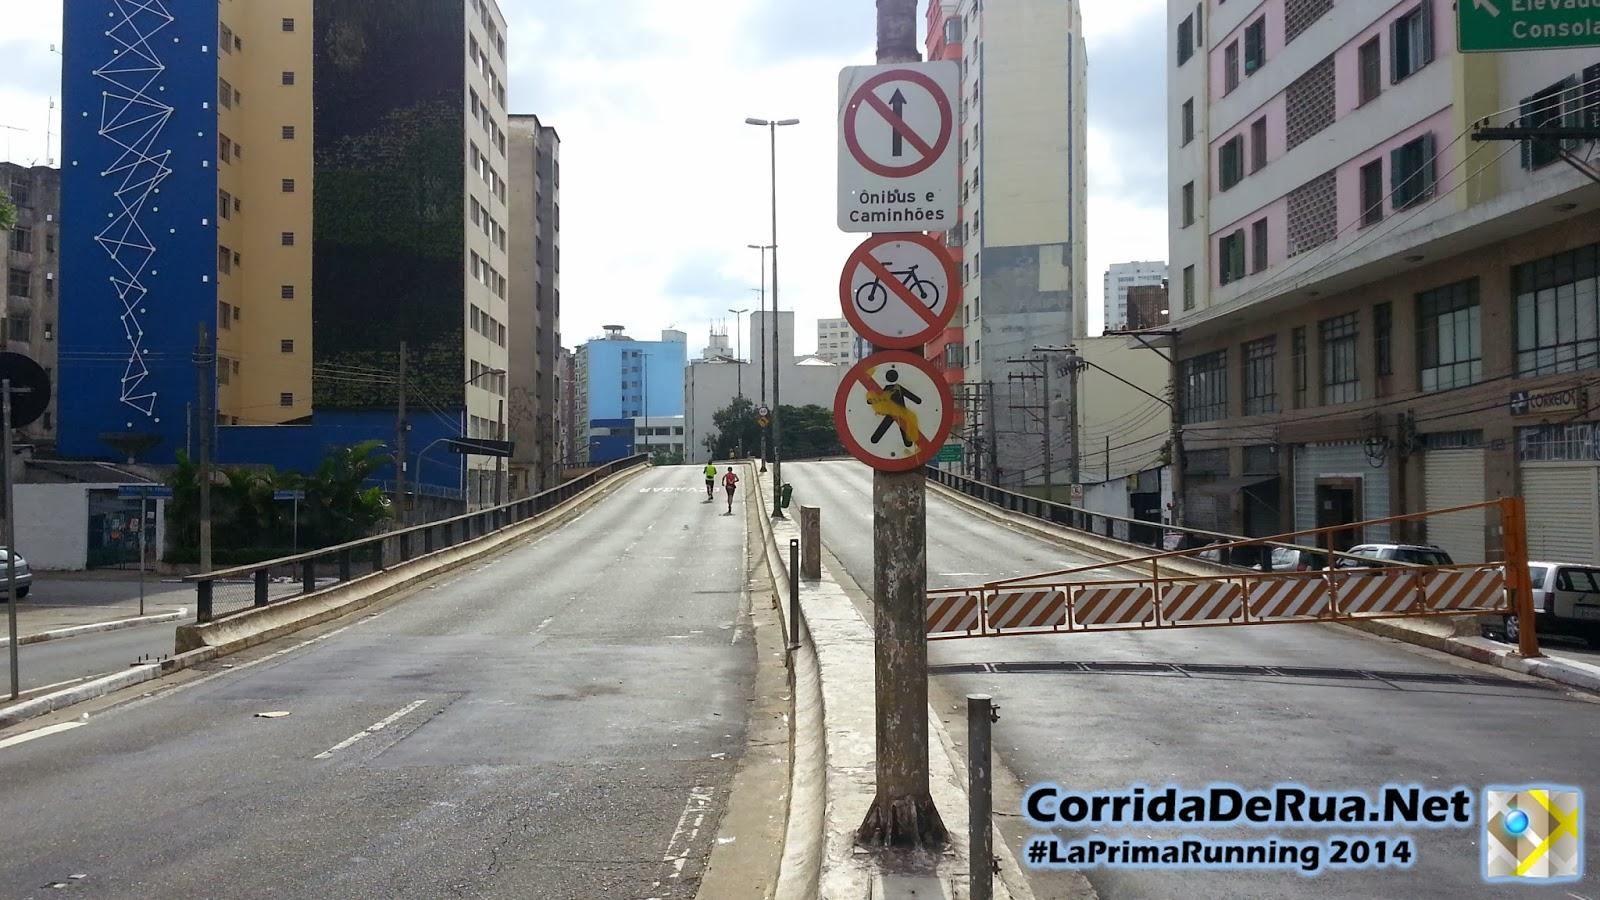 Corredores de rua no Elevado Costa e Silva (Minhocão) - Corrida De Rua